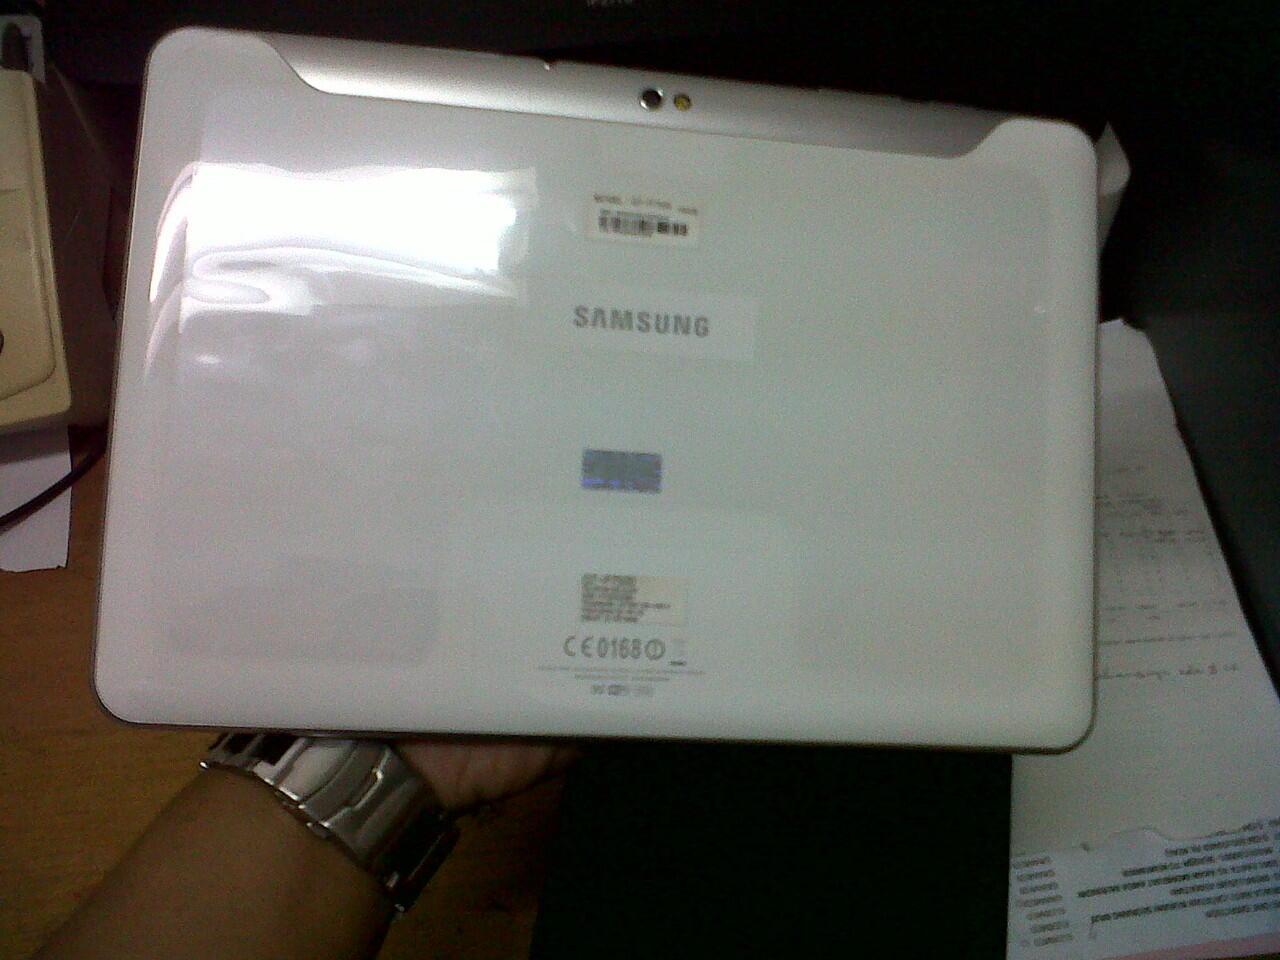 Samsung Galaxy TAB 10.1 P7500 16 GB MULUS bisa TT sama G TAB 7+ P6200